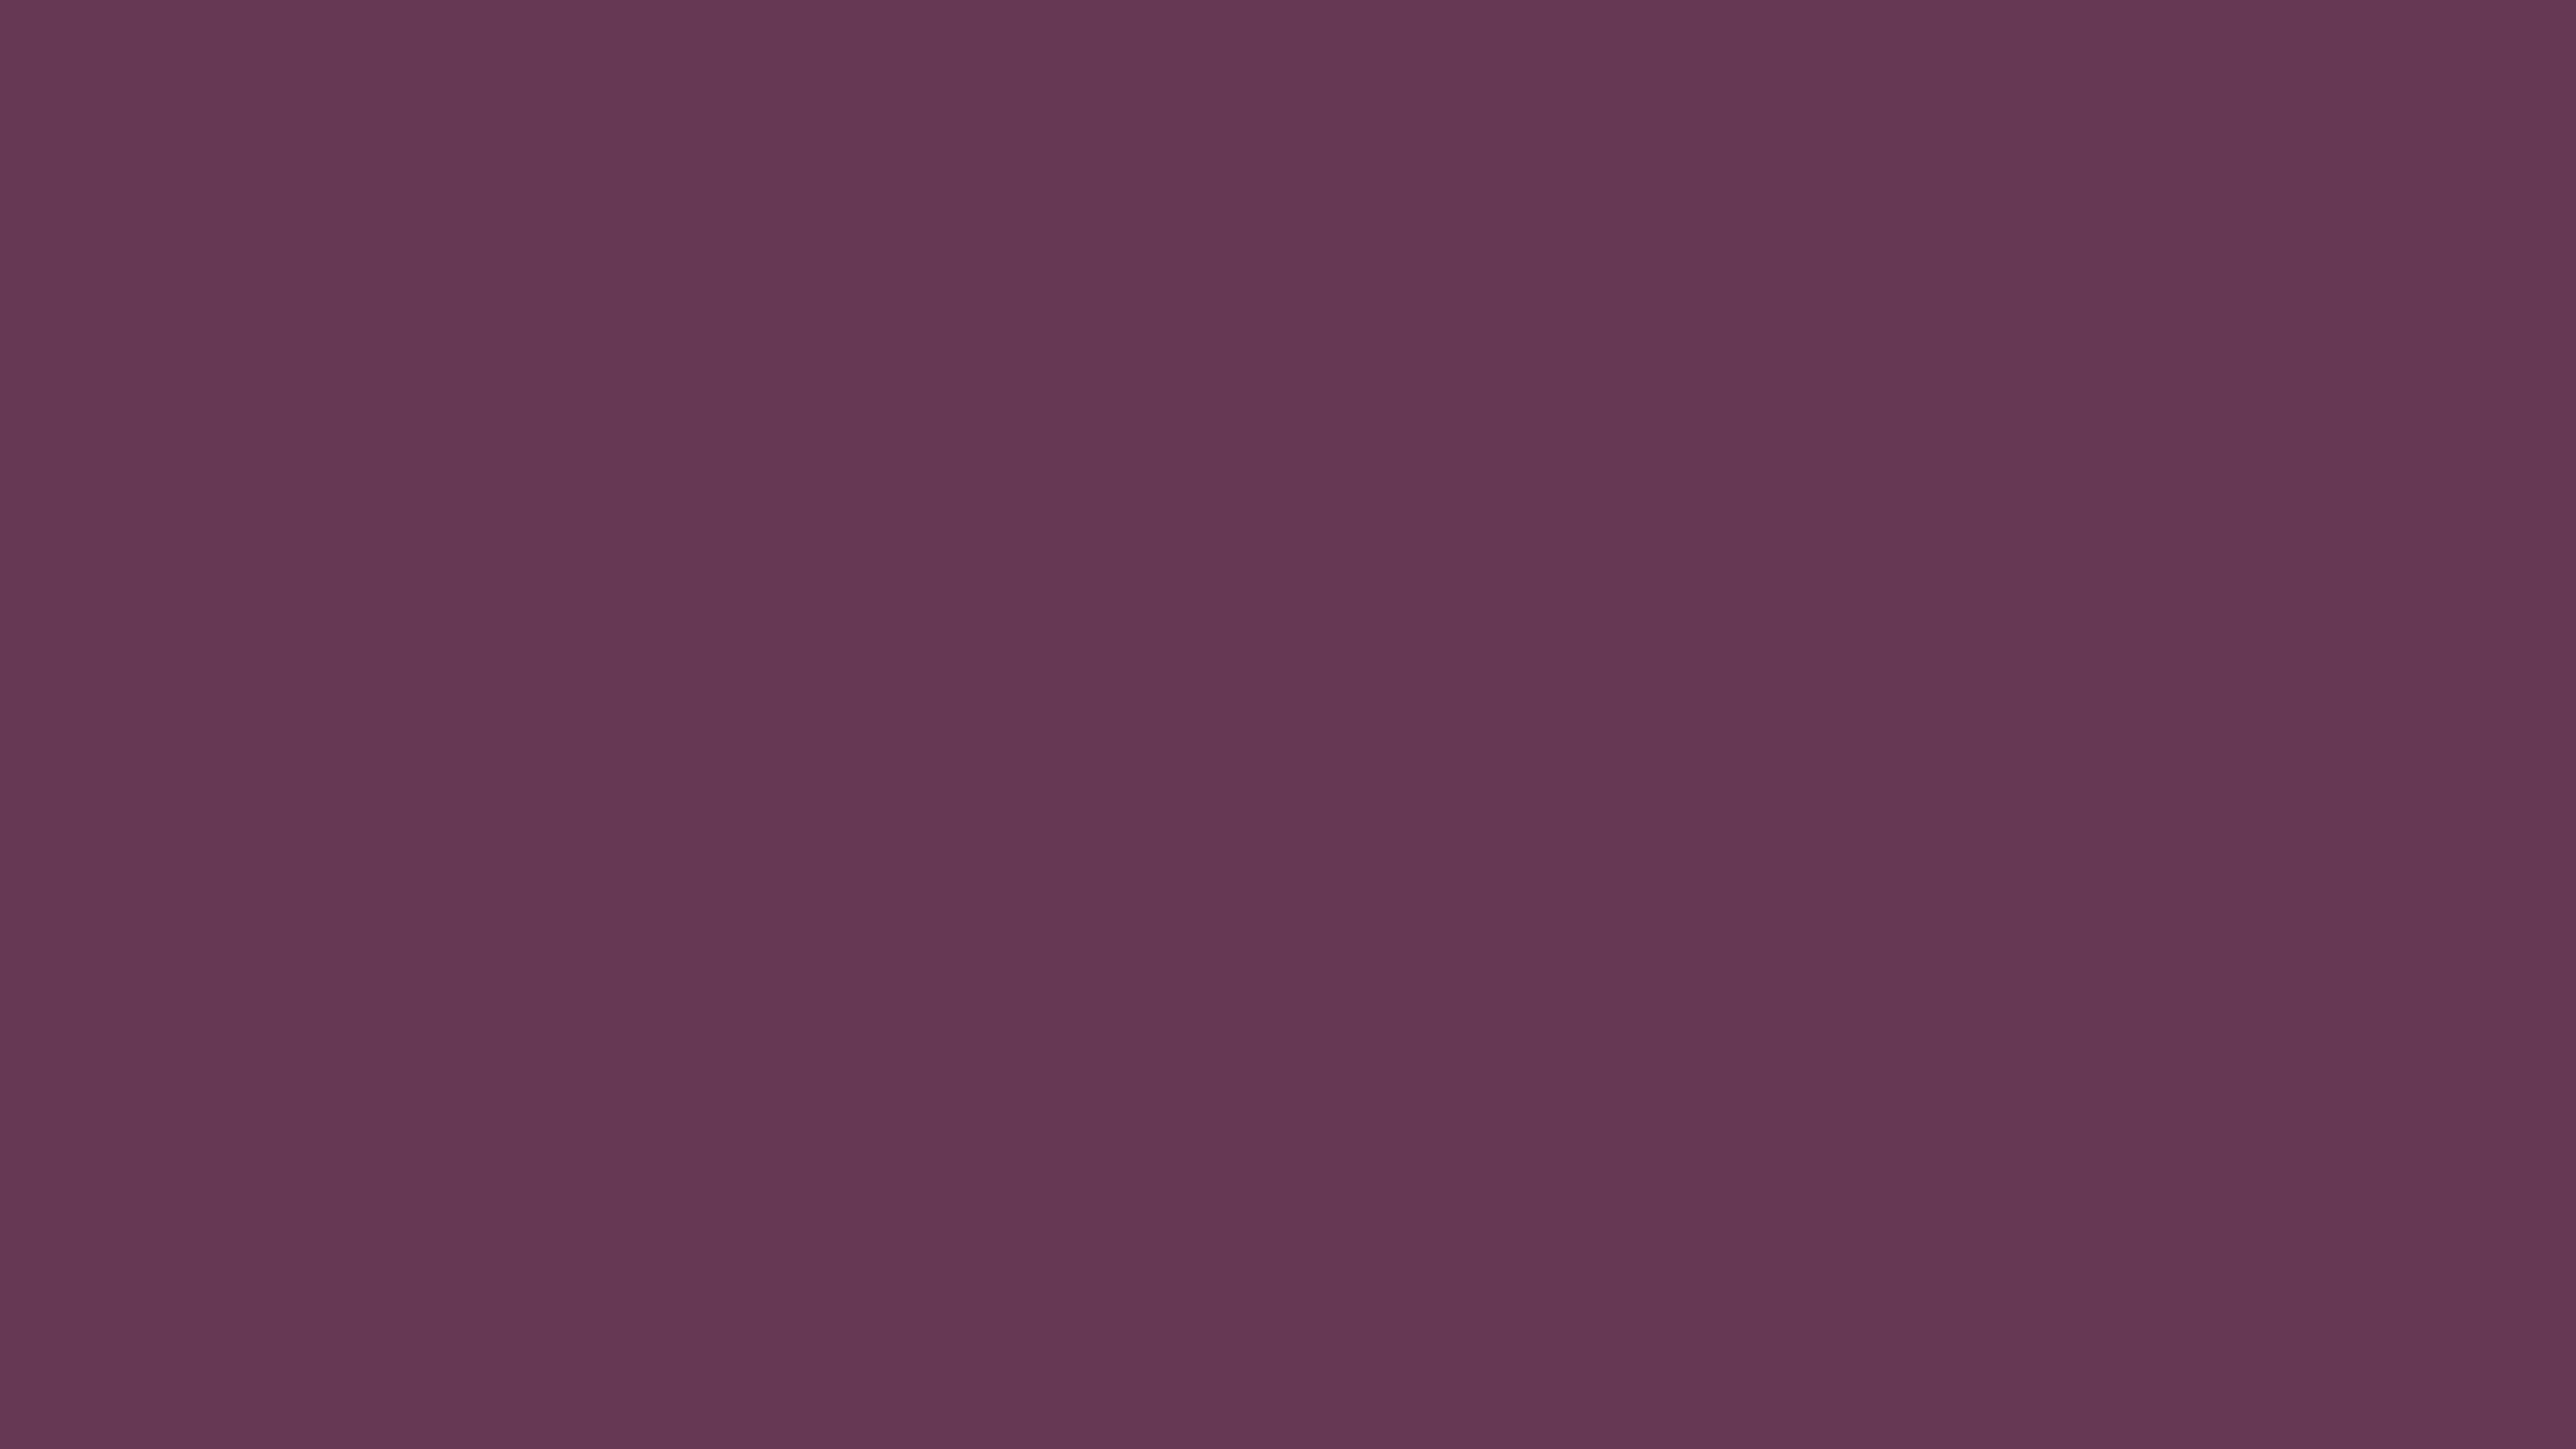 5120x2880 Halaya Ube Solid Color Background